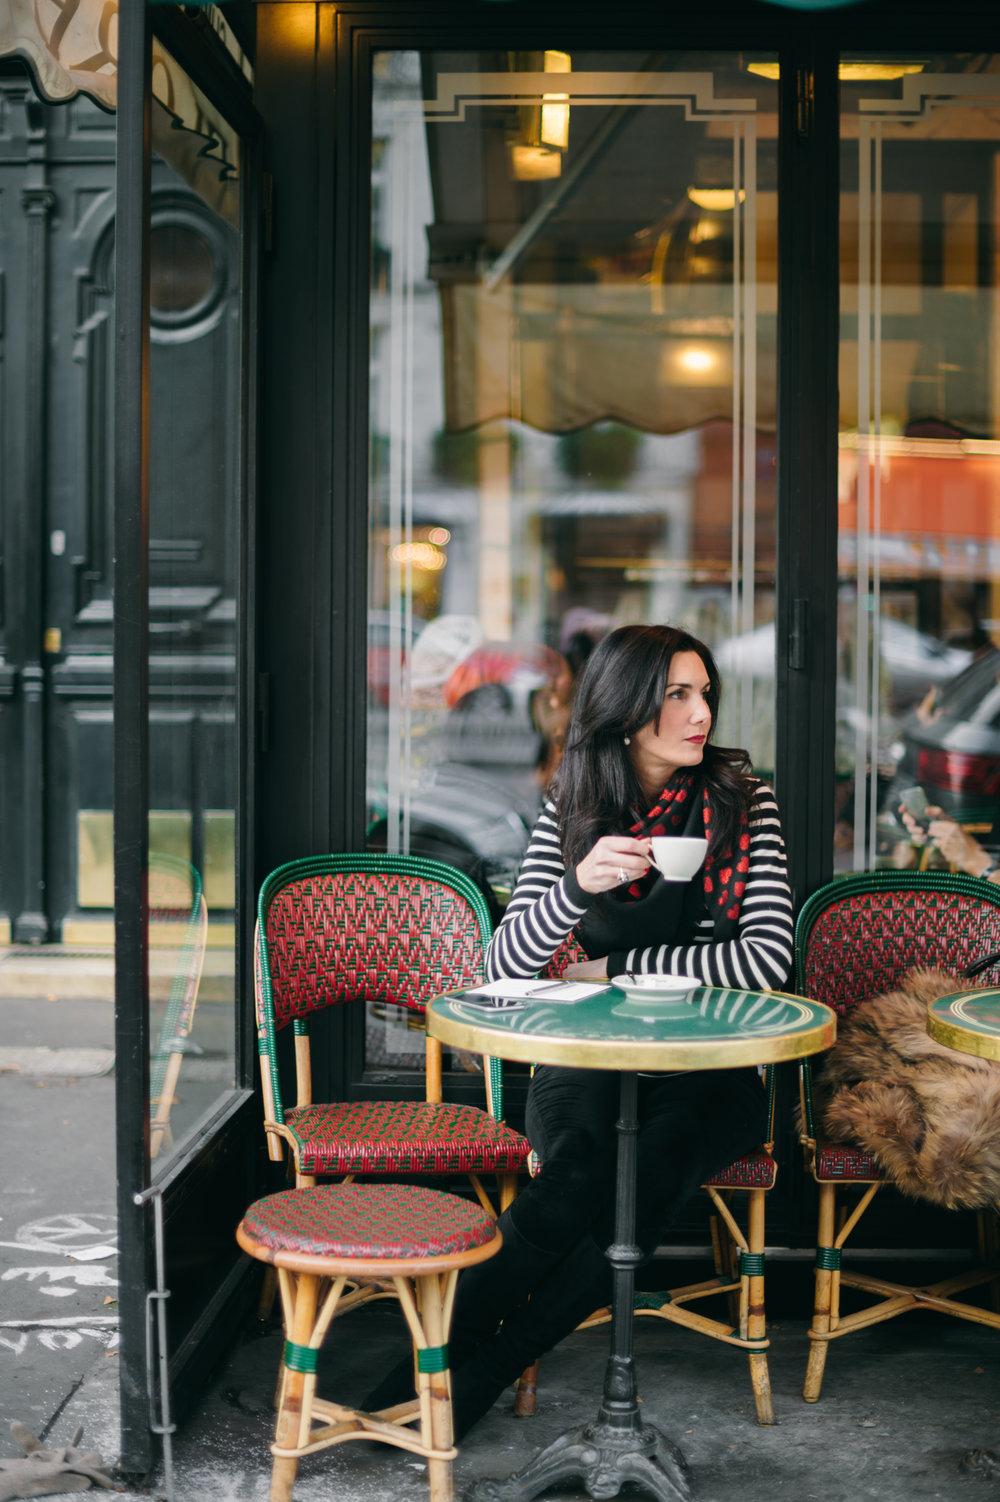 elisabeth-jones-hennessy-cafe-de-flore-paris-st-germain-03